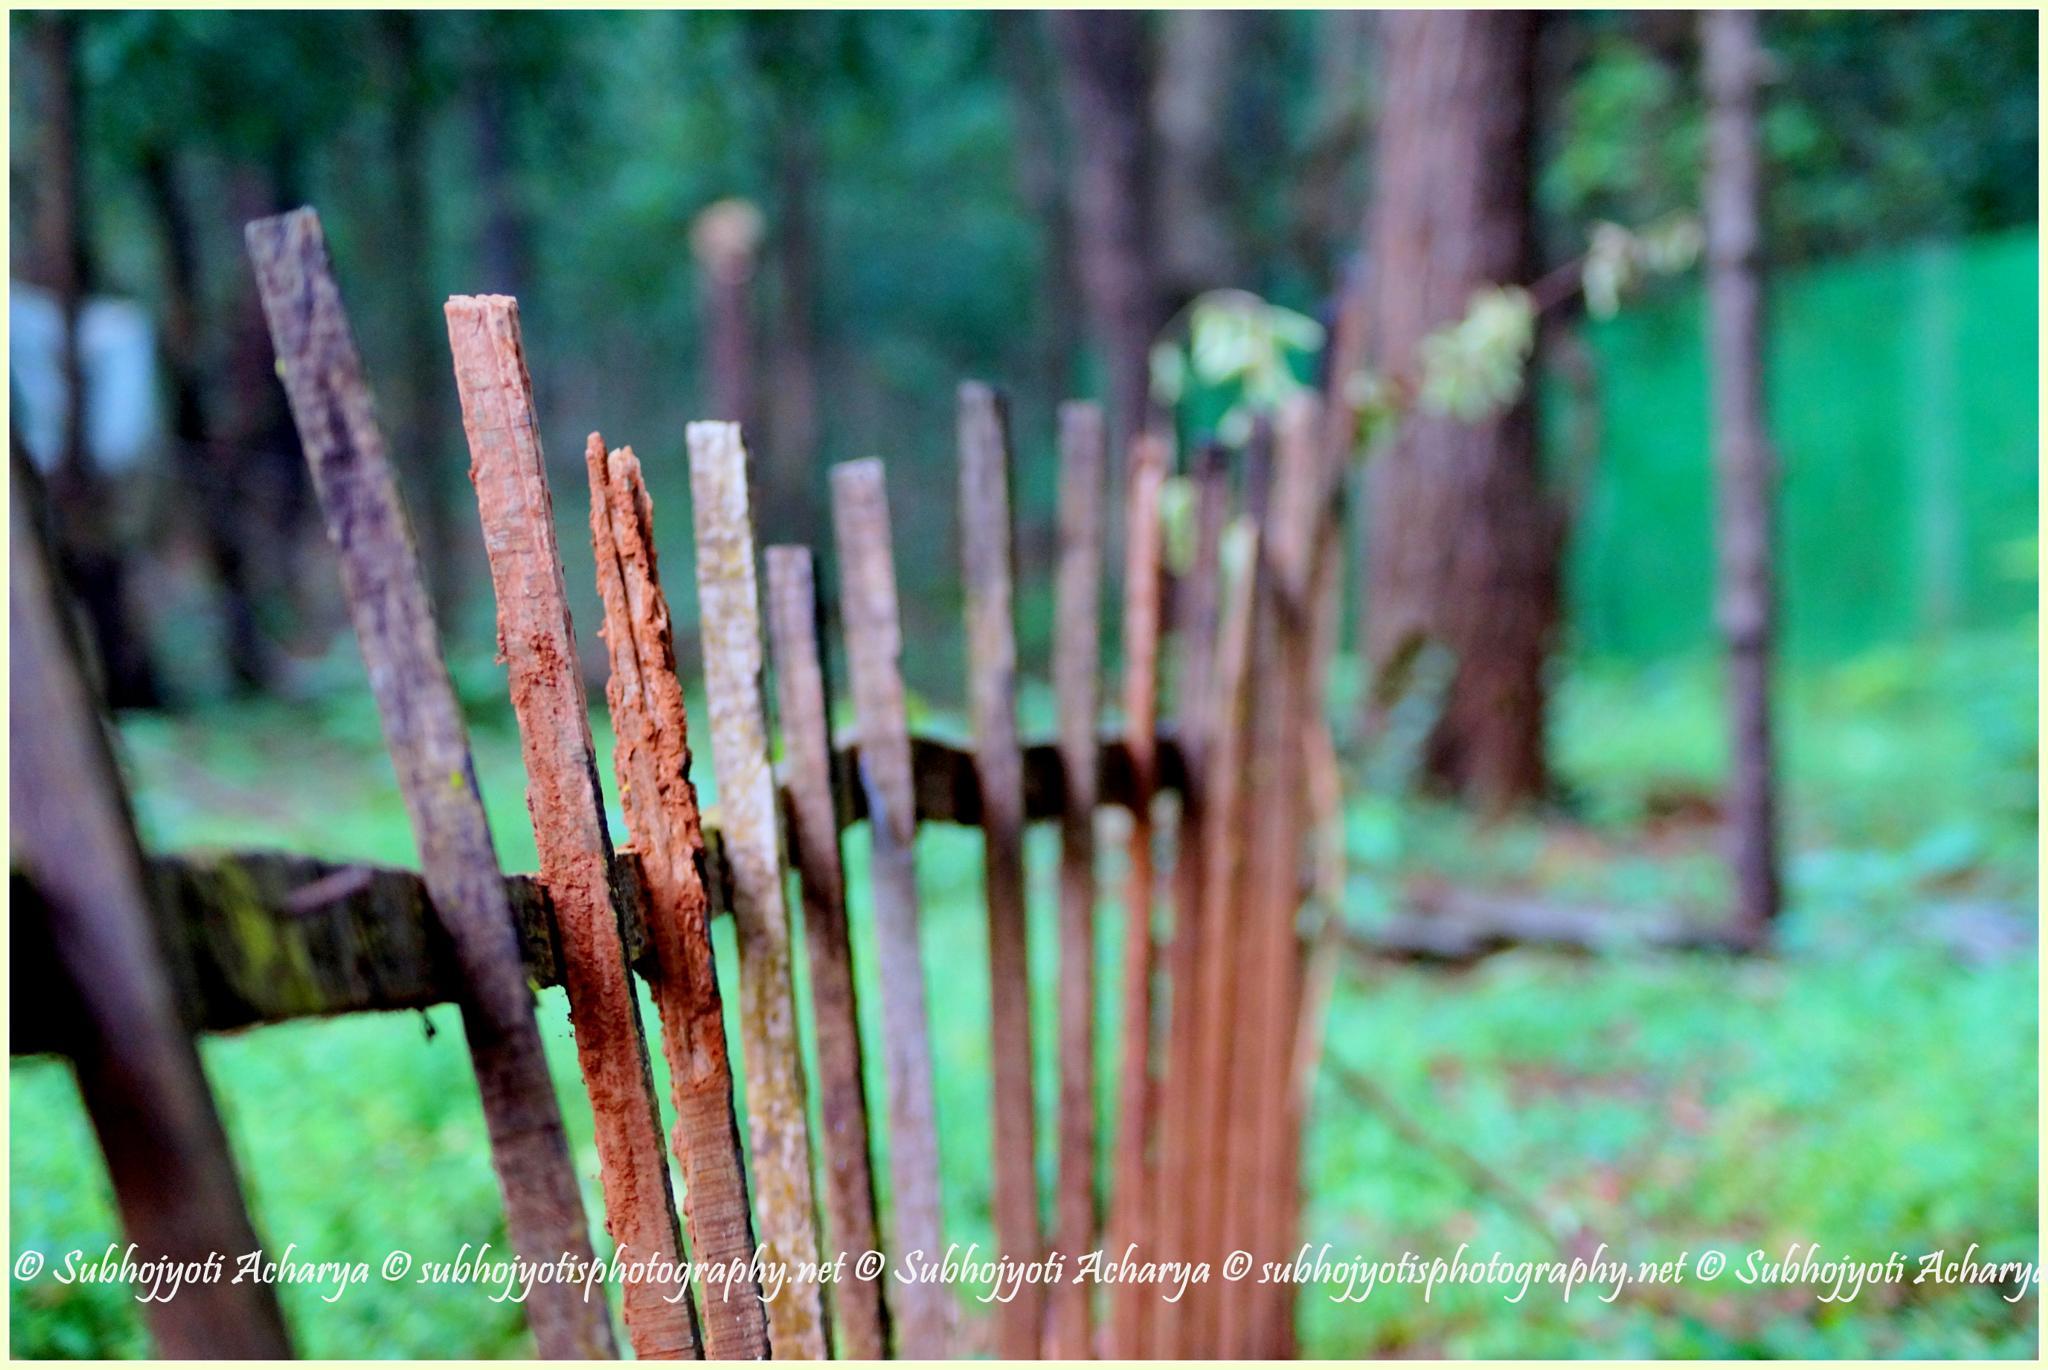 Bars by Subhojyoti Acharya